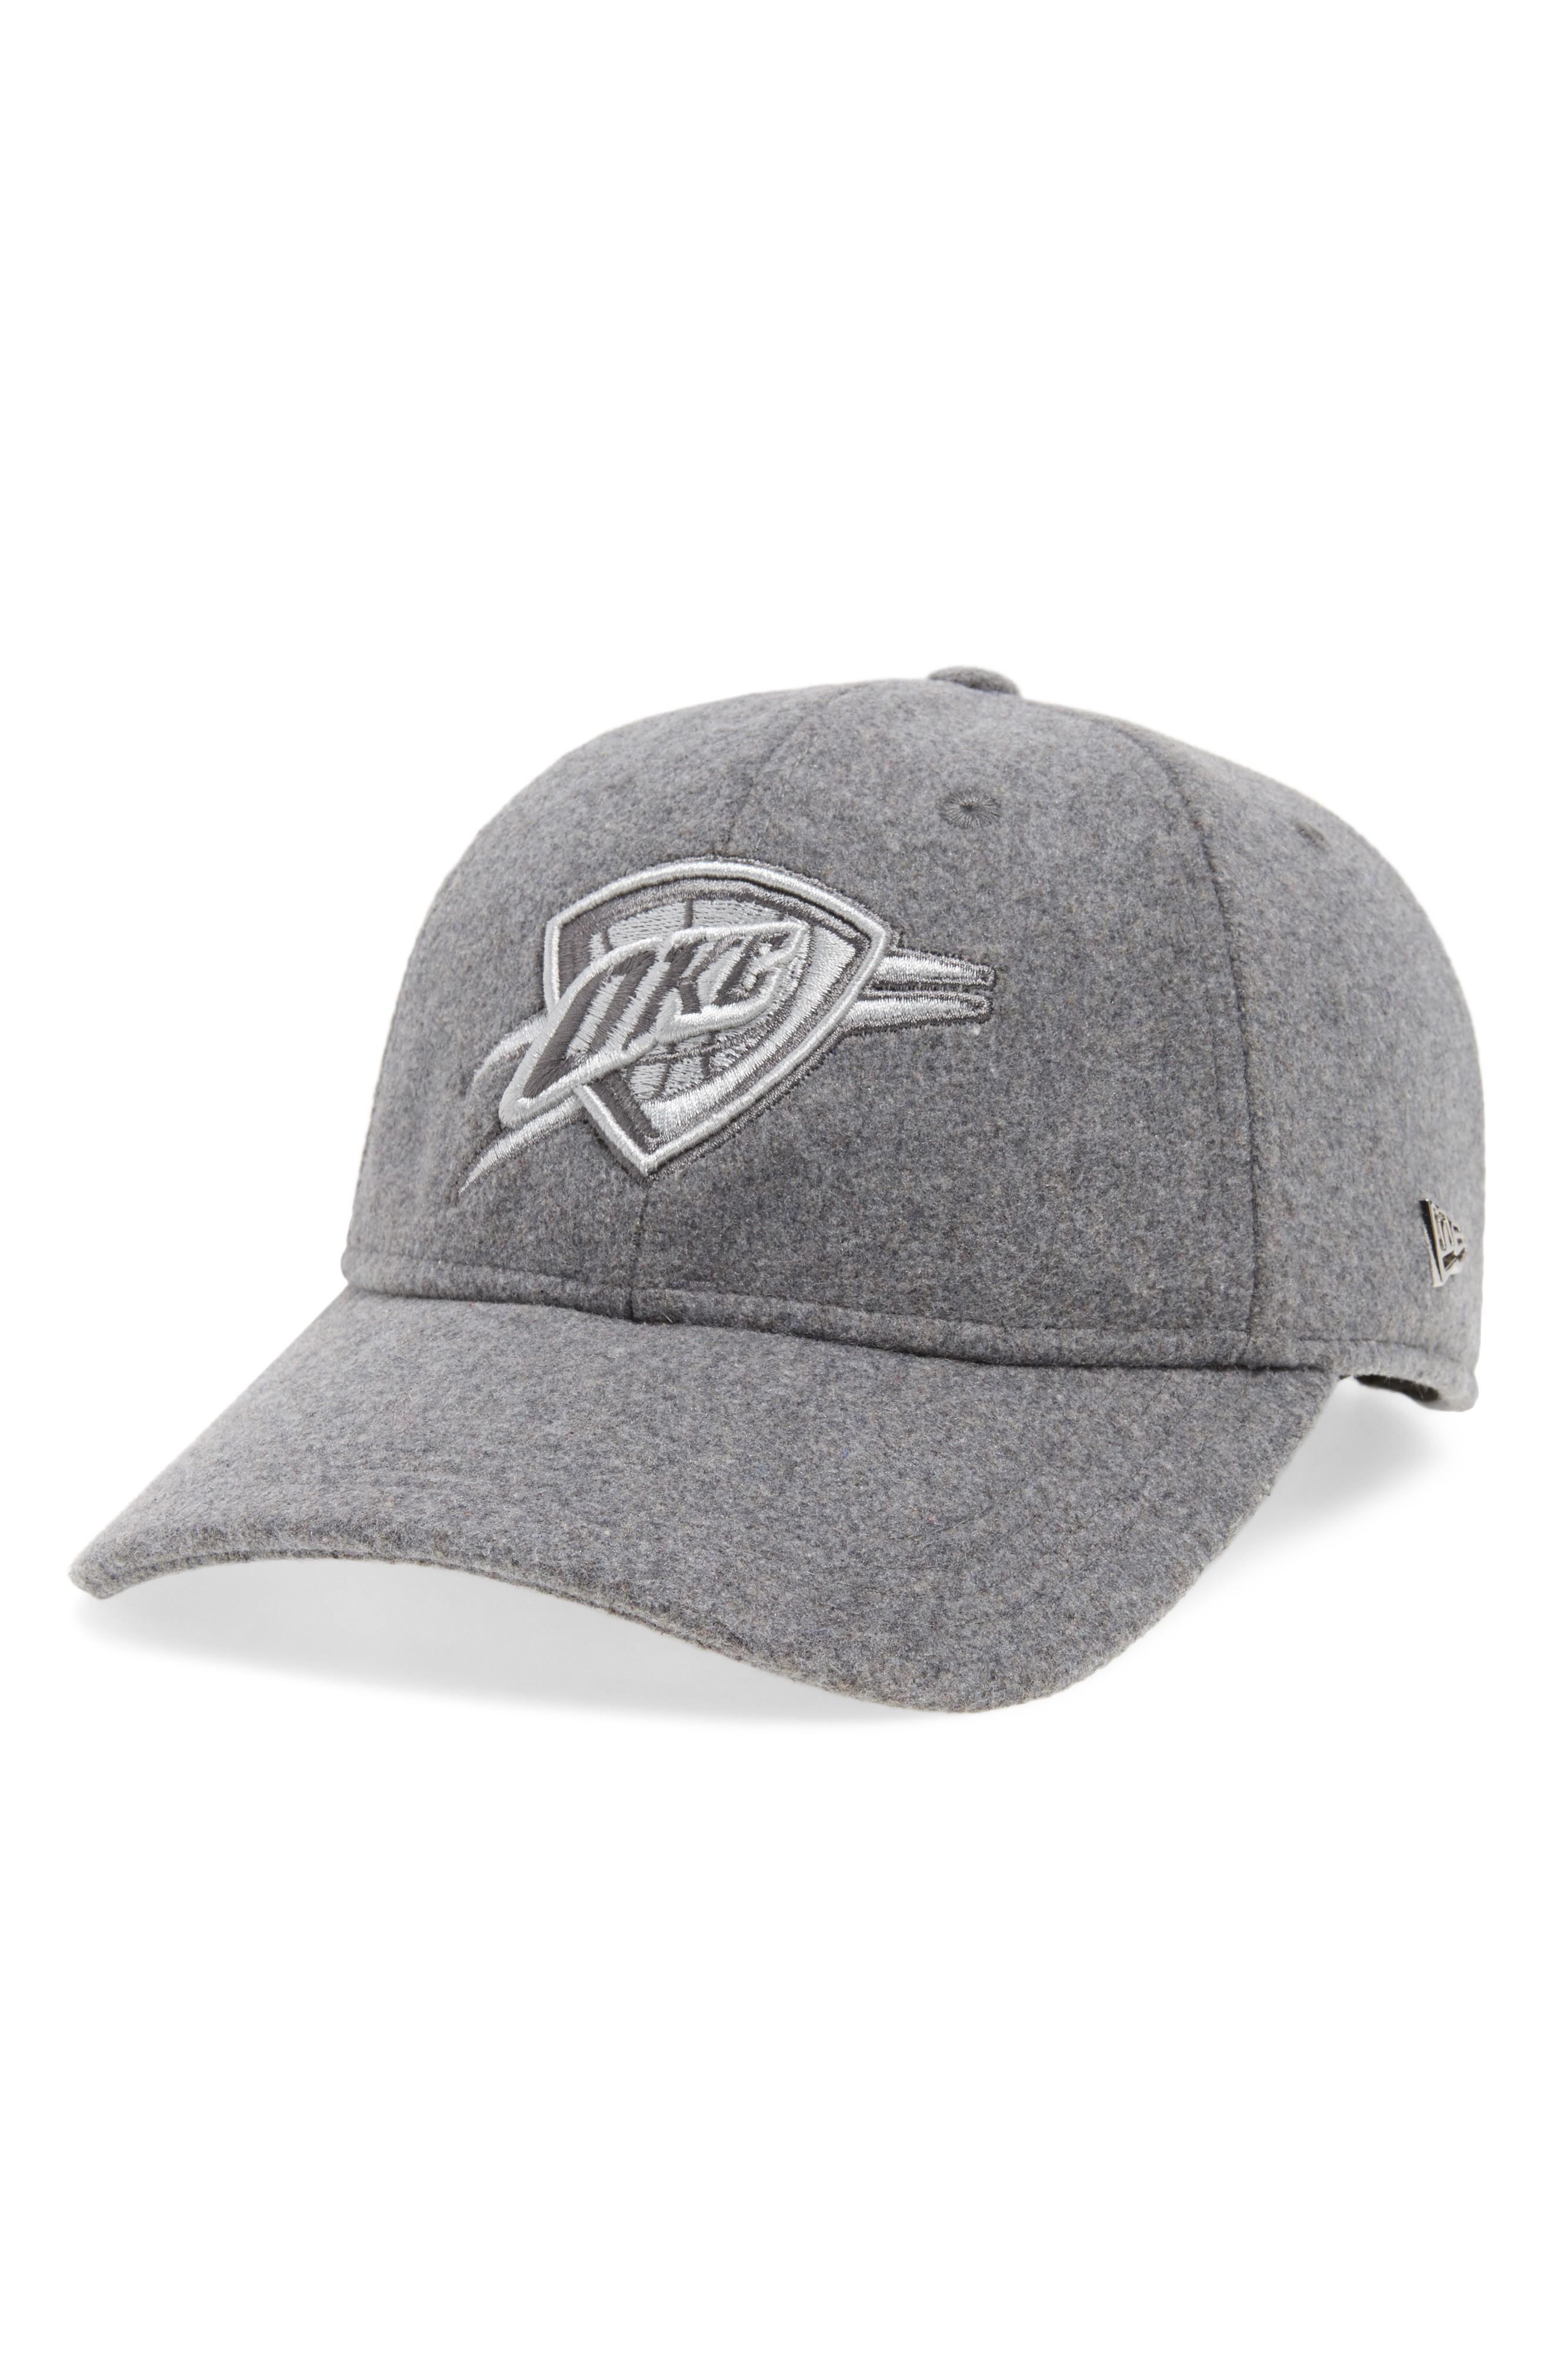 New Era Nba Cap - Grey In Oklahoma City Thunder